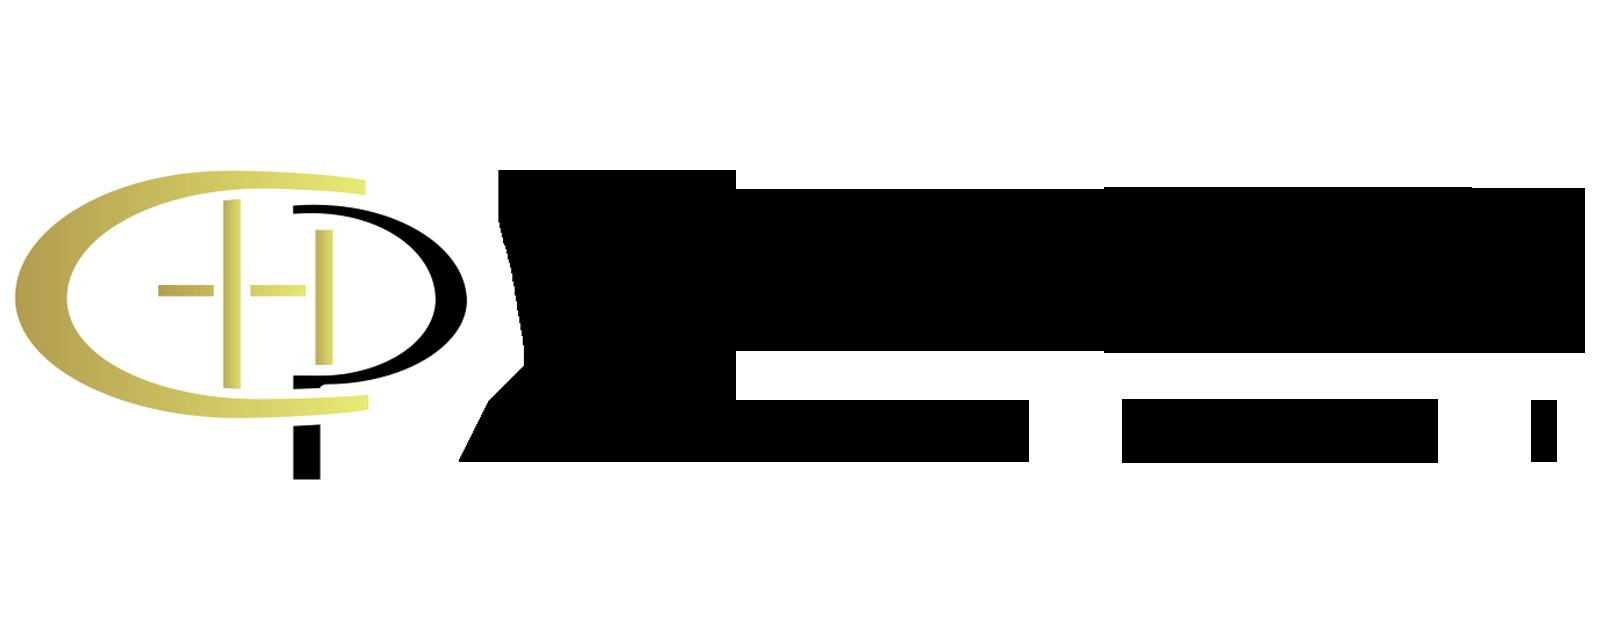 CHILOIRO PREZIOSI | Gioielli e Preziosi Dal 1956 Grottaglie | Orologi